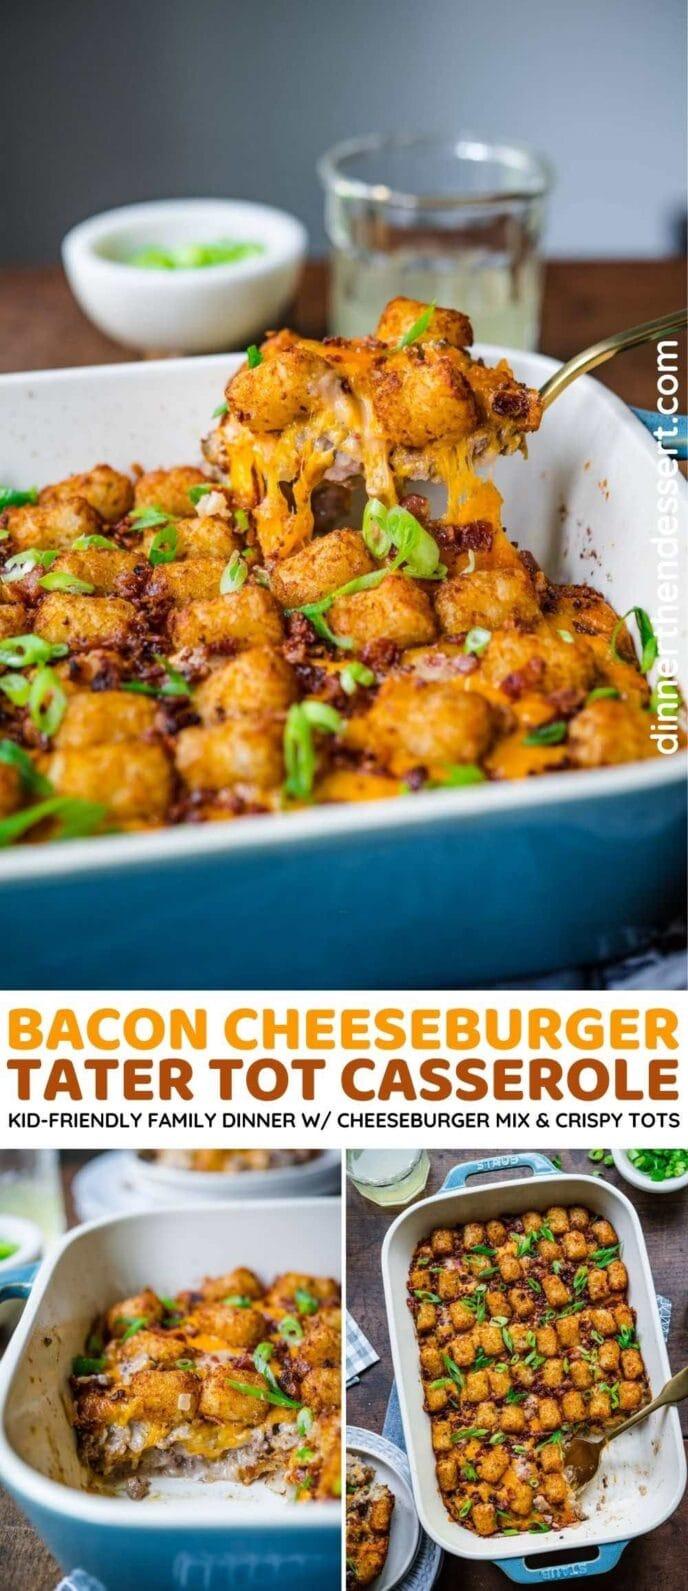 Bacon Cheeseburger Casserole collage